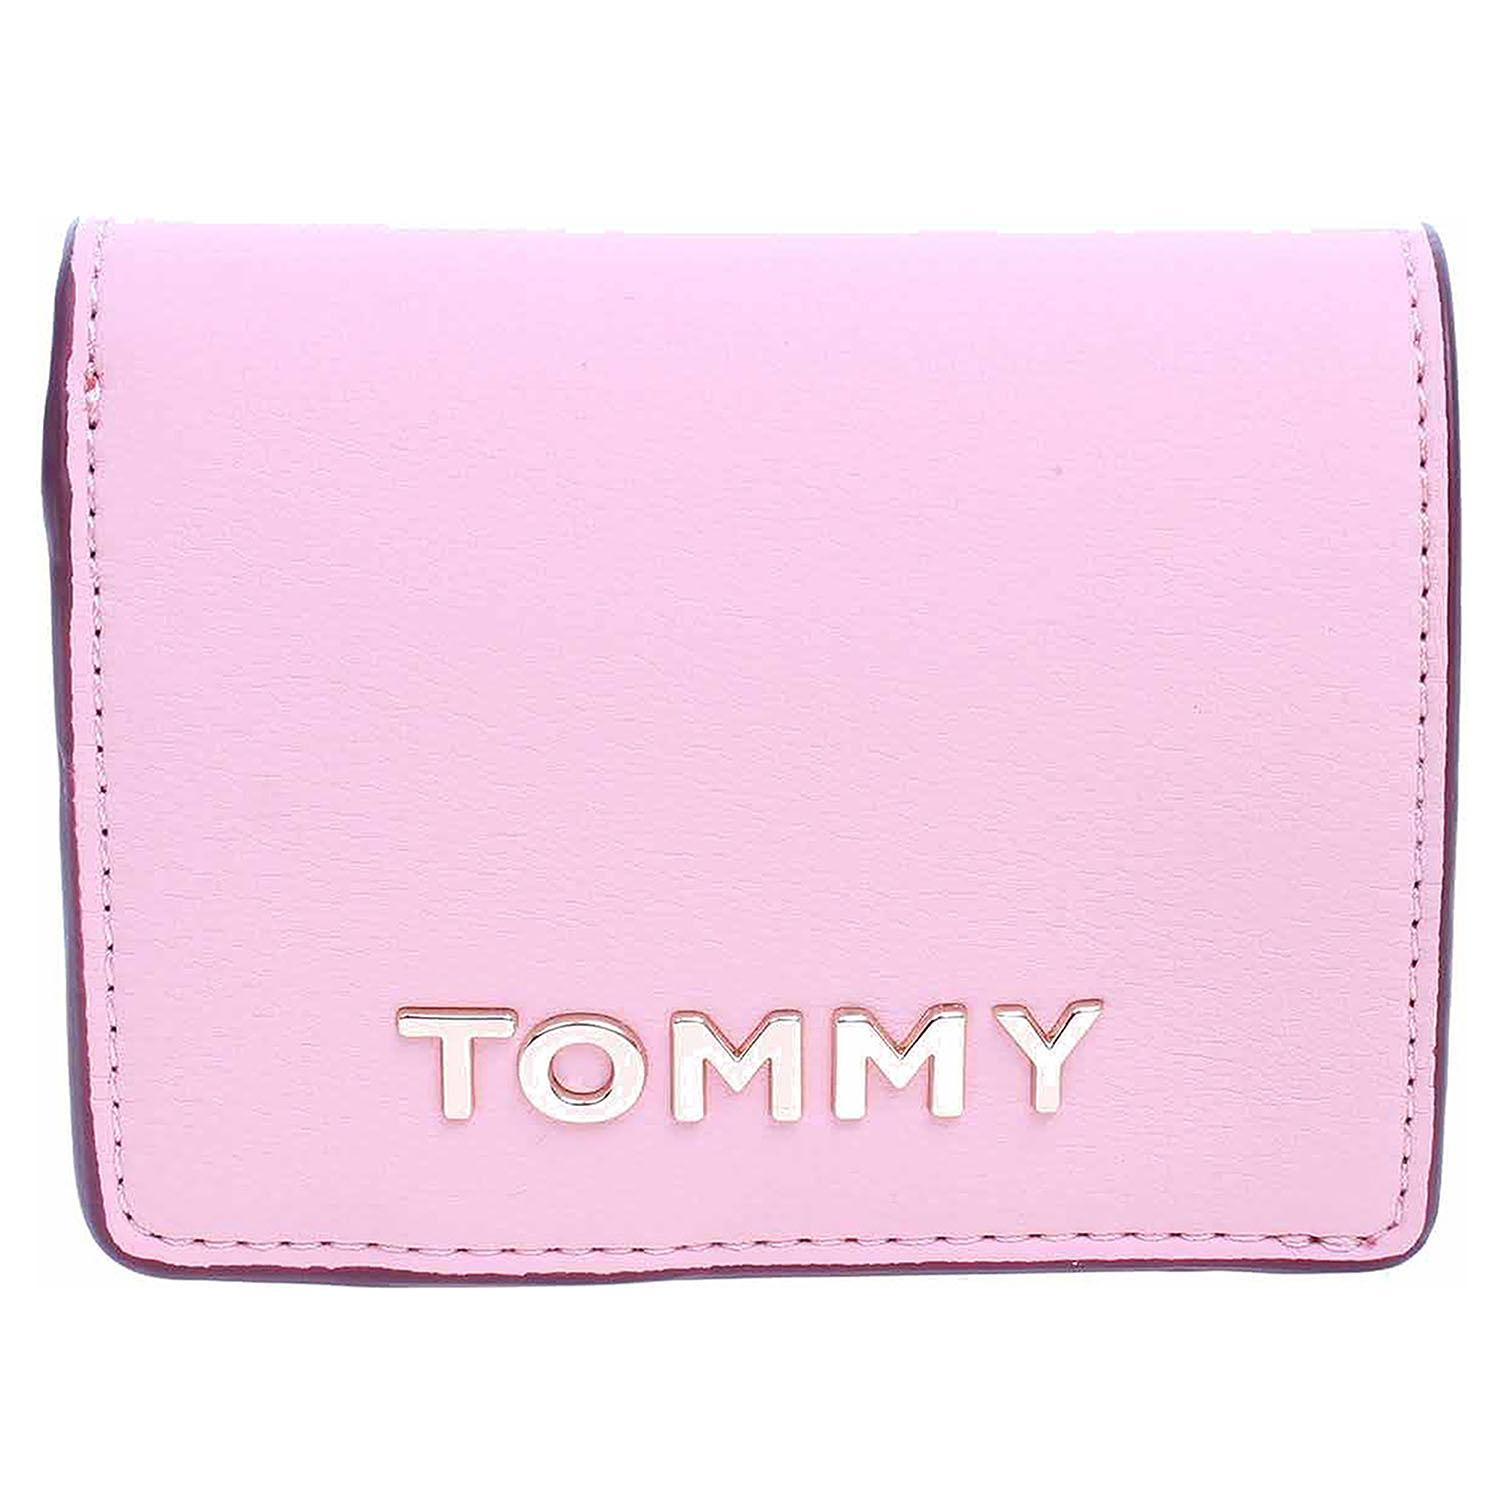 AW0AW07121 TBD bridal rose dámská peněženka, syntetika Tommy Hilfiger